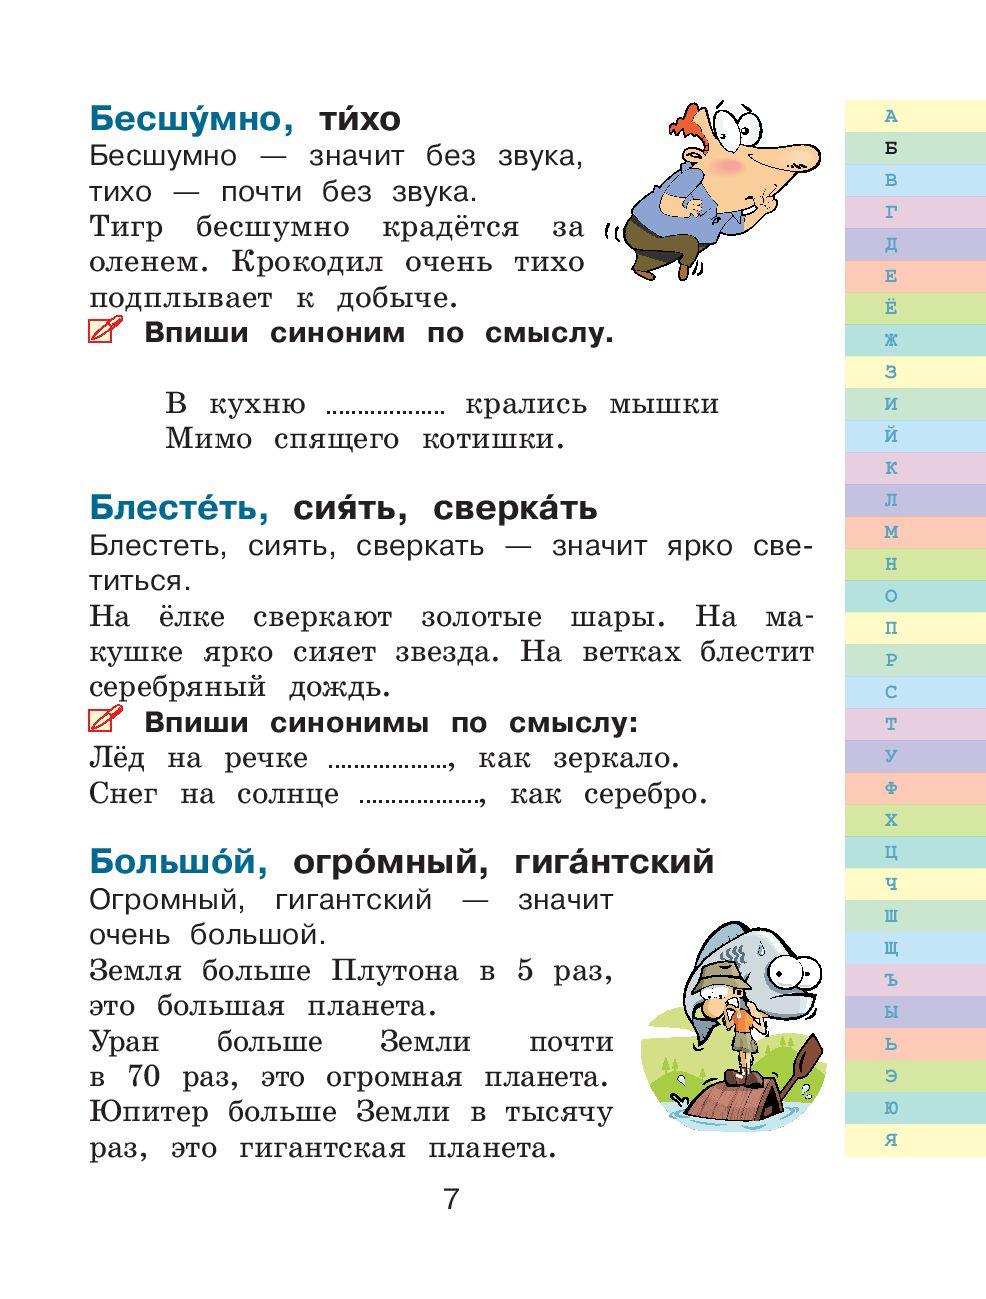 Русский язык синонимы четвертый класс